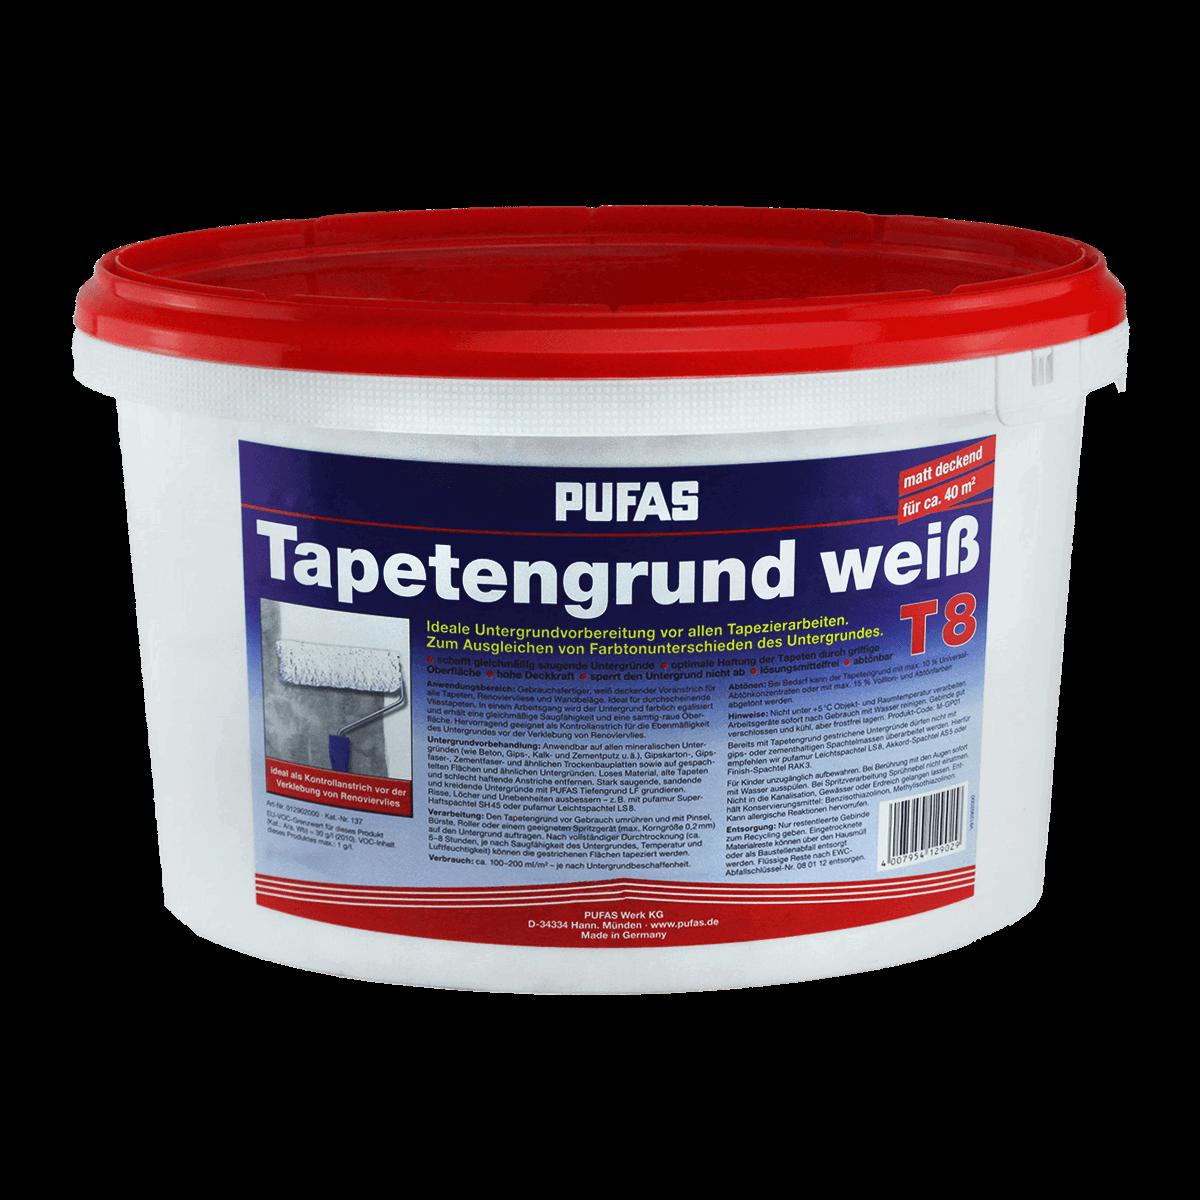 pufas voranstrich tapetengrund t8 weiß günstig kaufen | malerversand